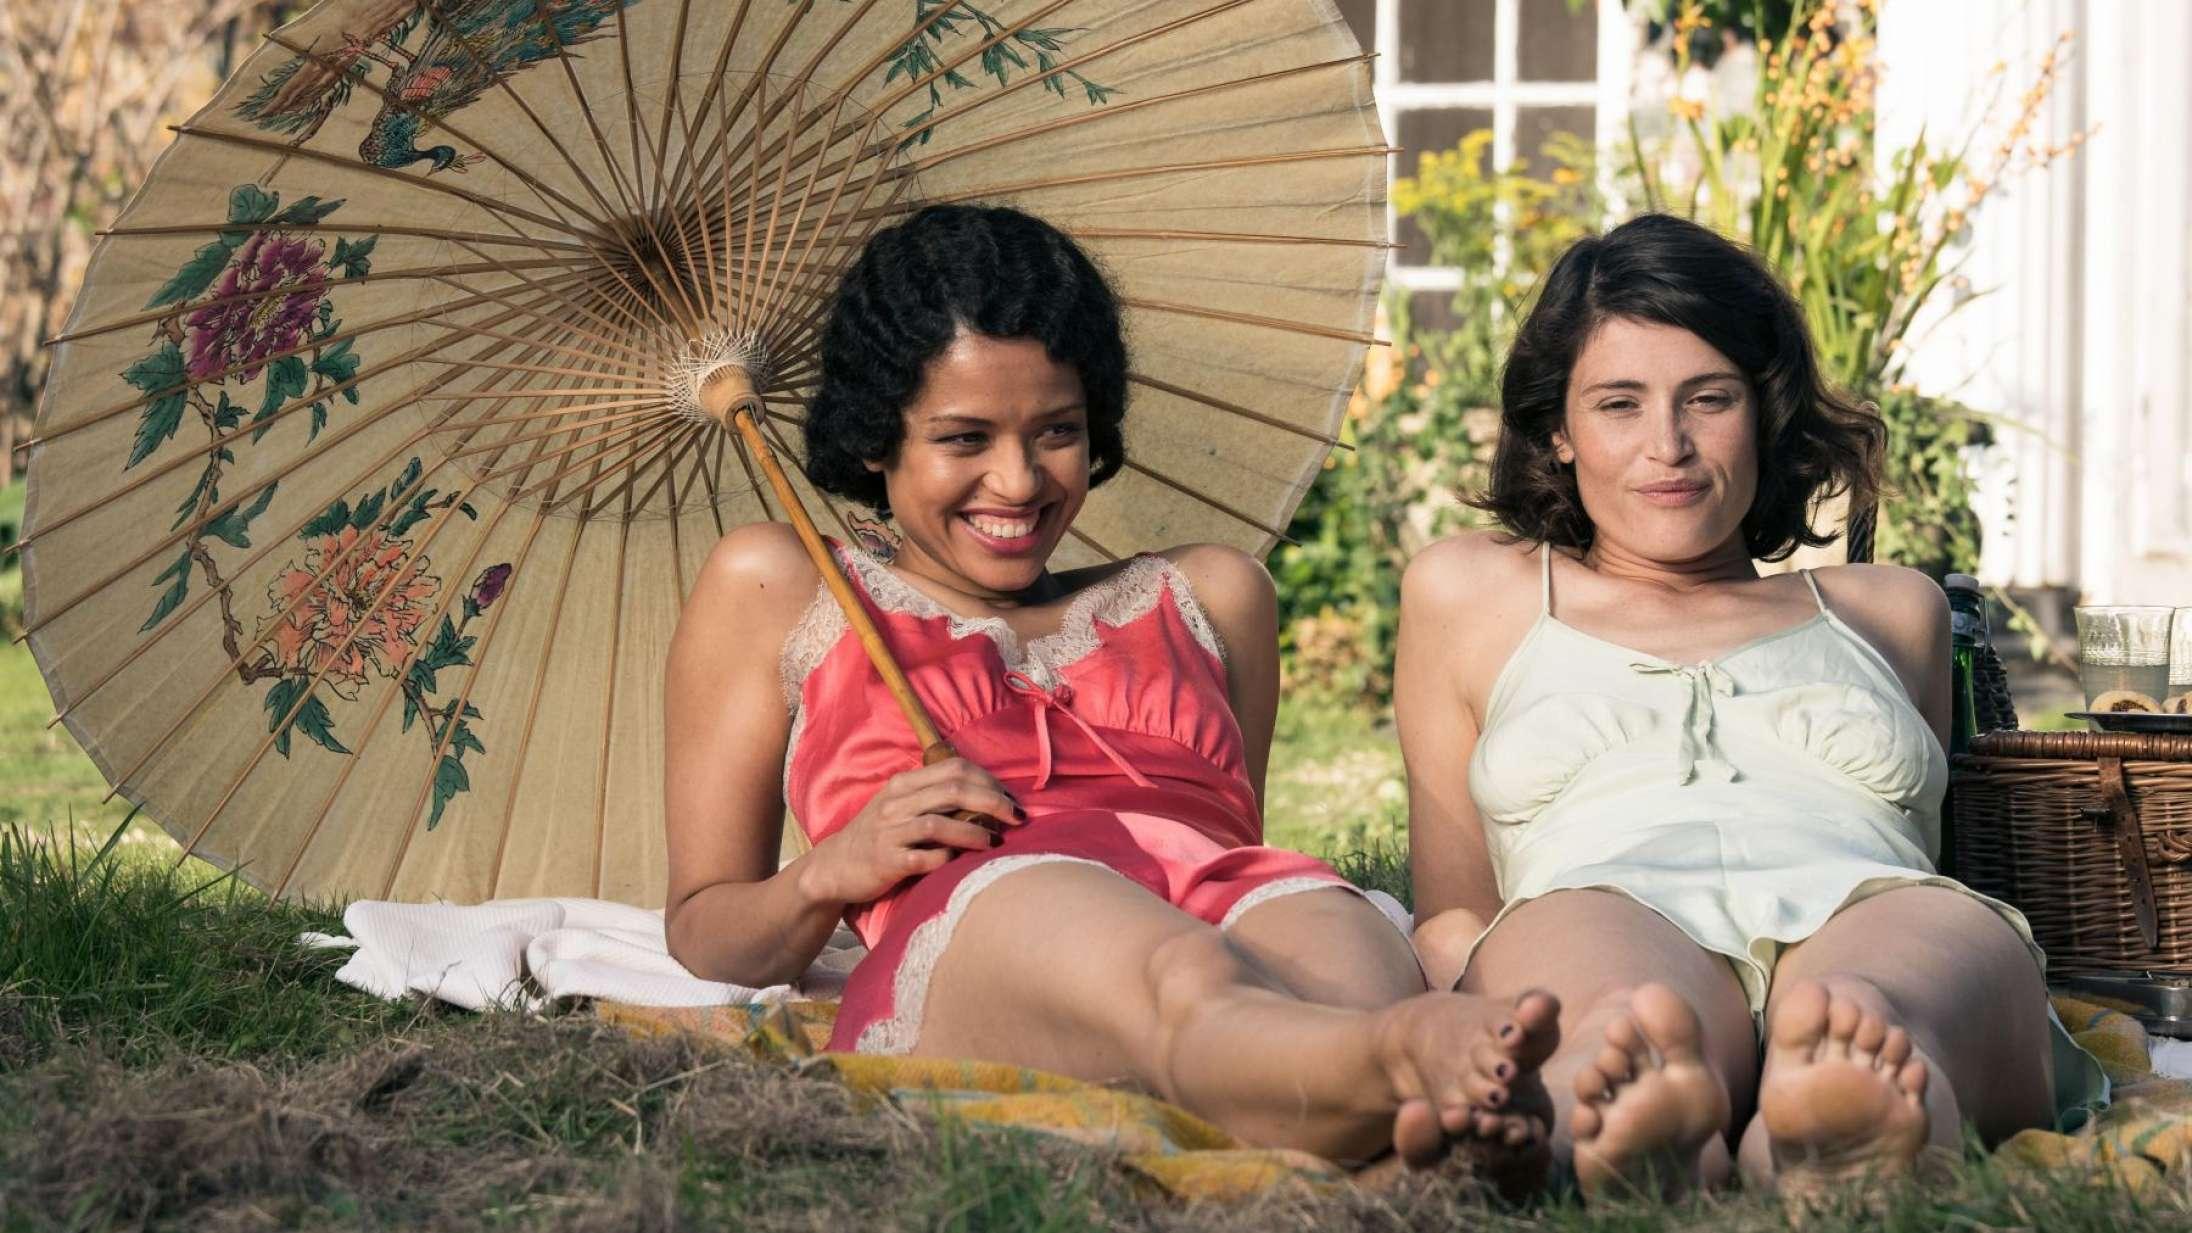 'Summerland': Krigsdrama med queer-plot er alt for nuttet